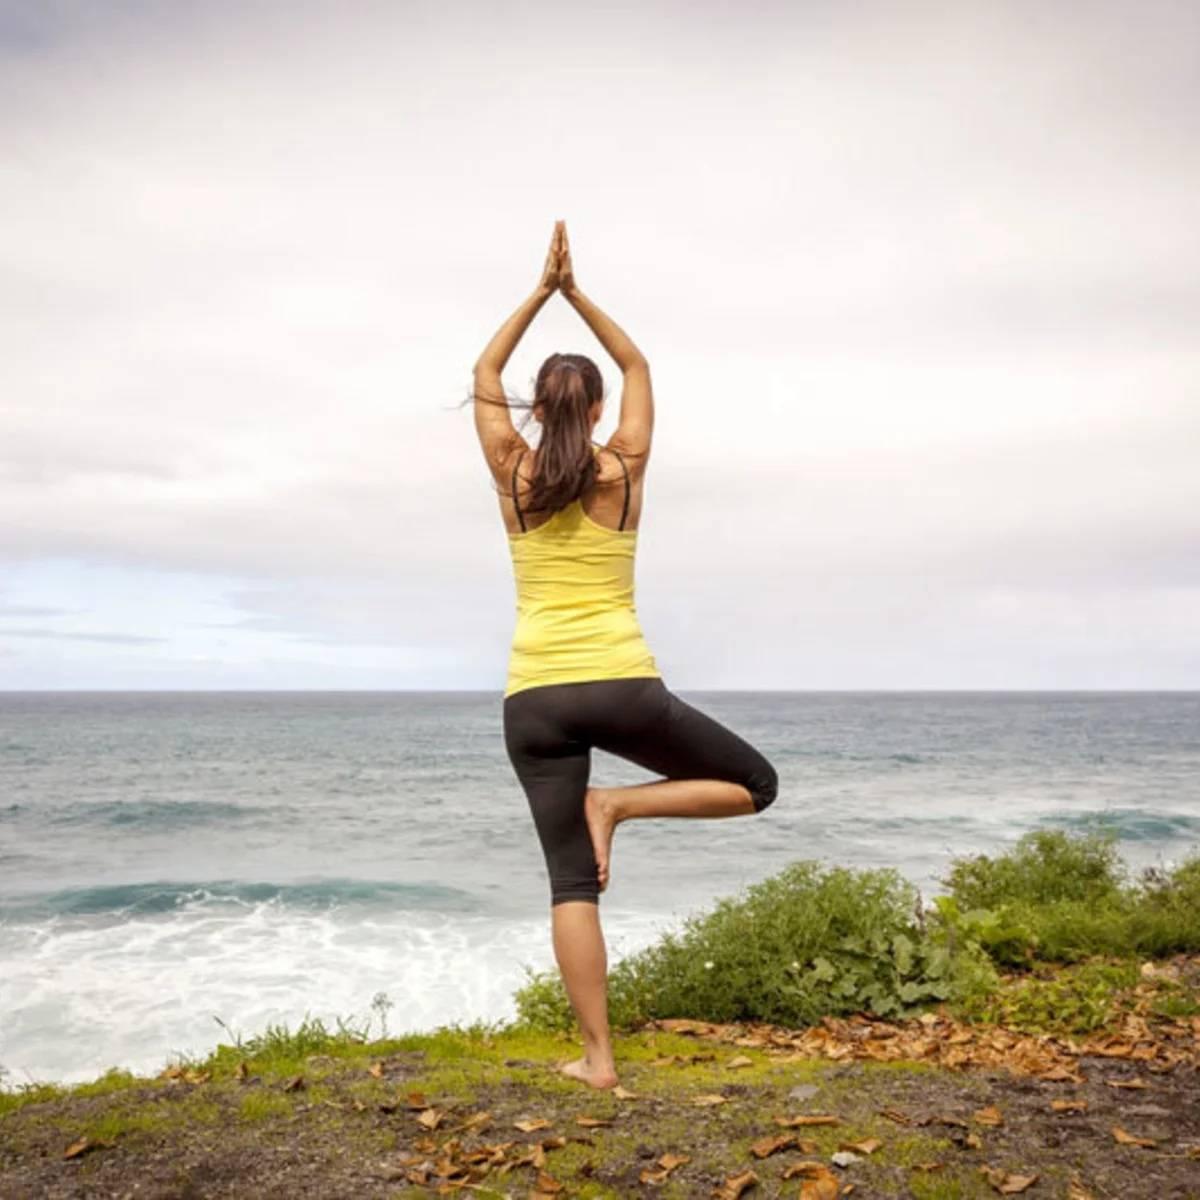 Поза дерева (врикшасана) :: позы стоя :: энциклопедия йоги: советы начинающим :: портал о йоге хануман.ру